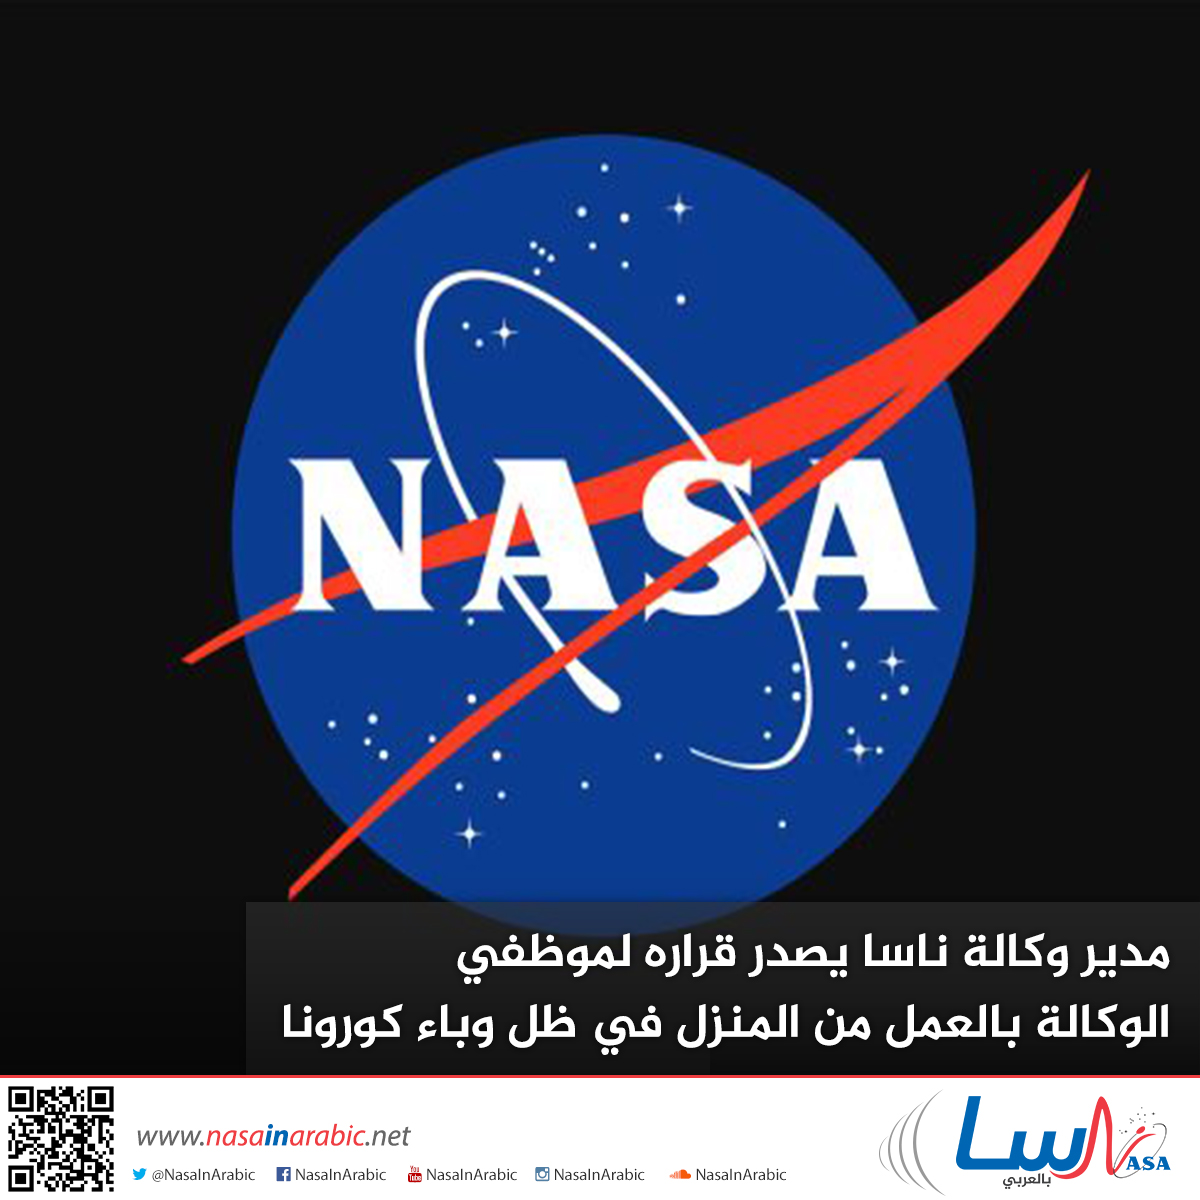 مدير وكالة ناسا يصدر قراره لموظفي الوكالة بالعمل من المنزل في ظل وباء كورونا